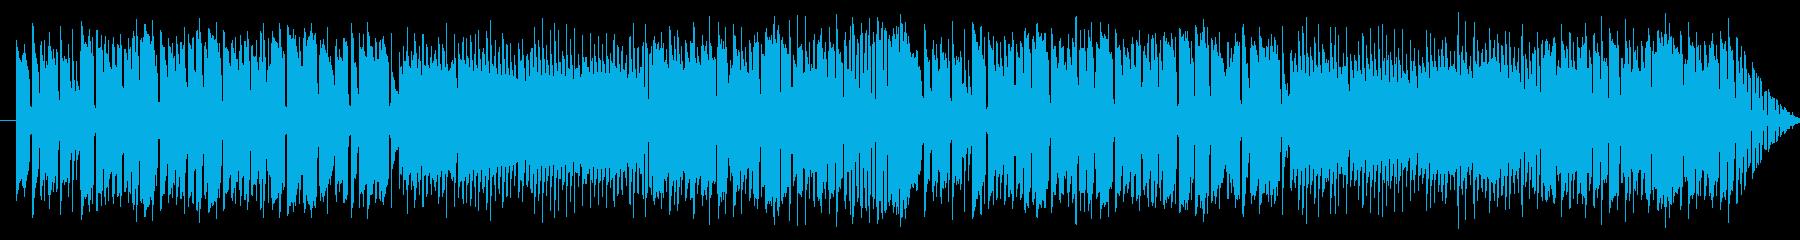 サックスのレゲエ調のジングルの再生済みの波形